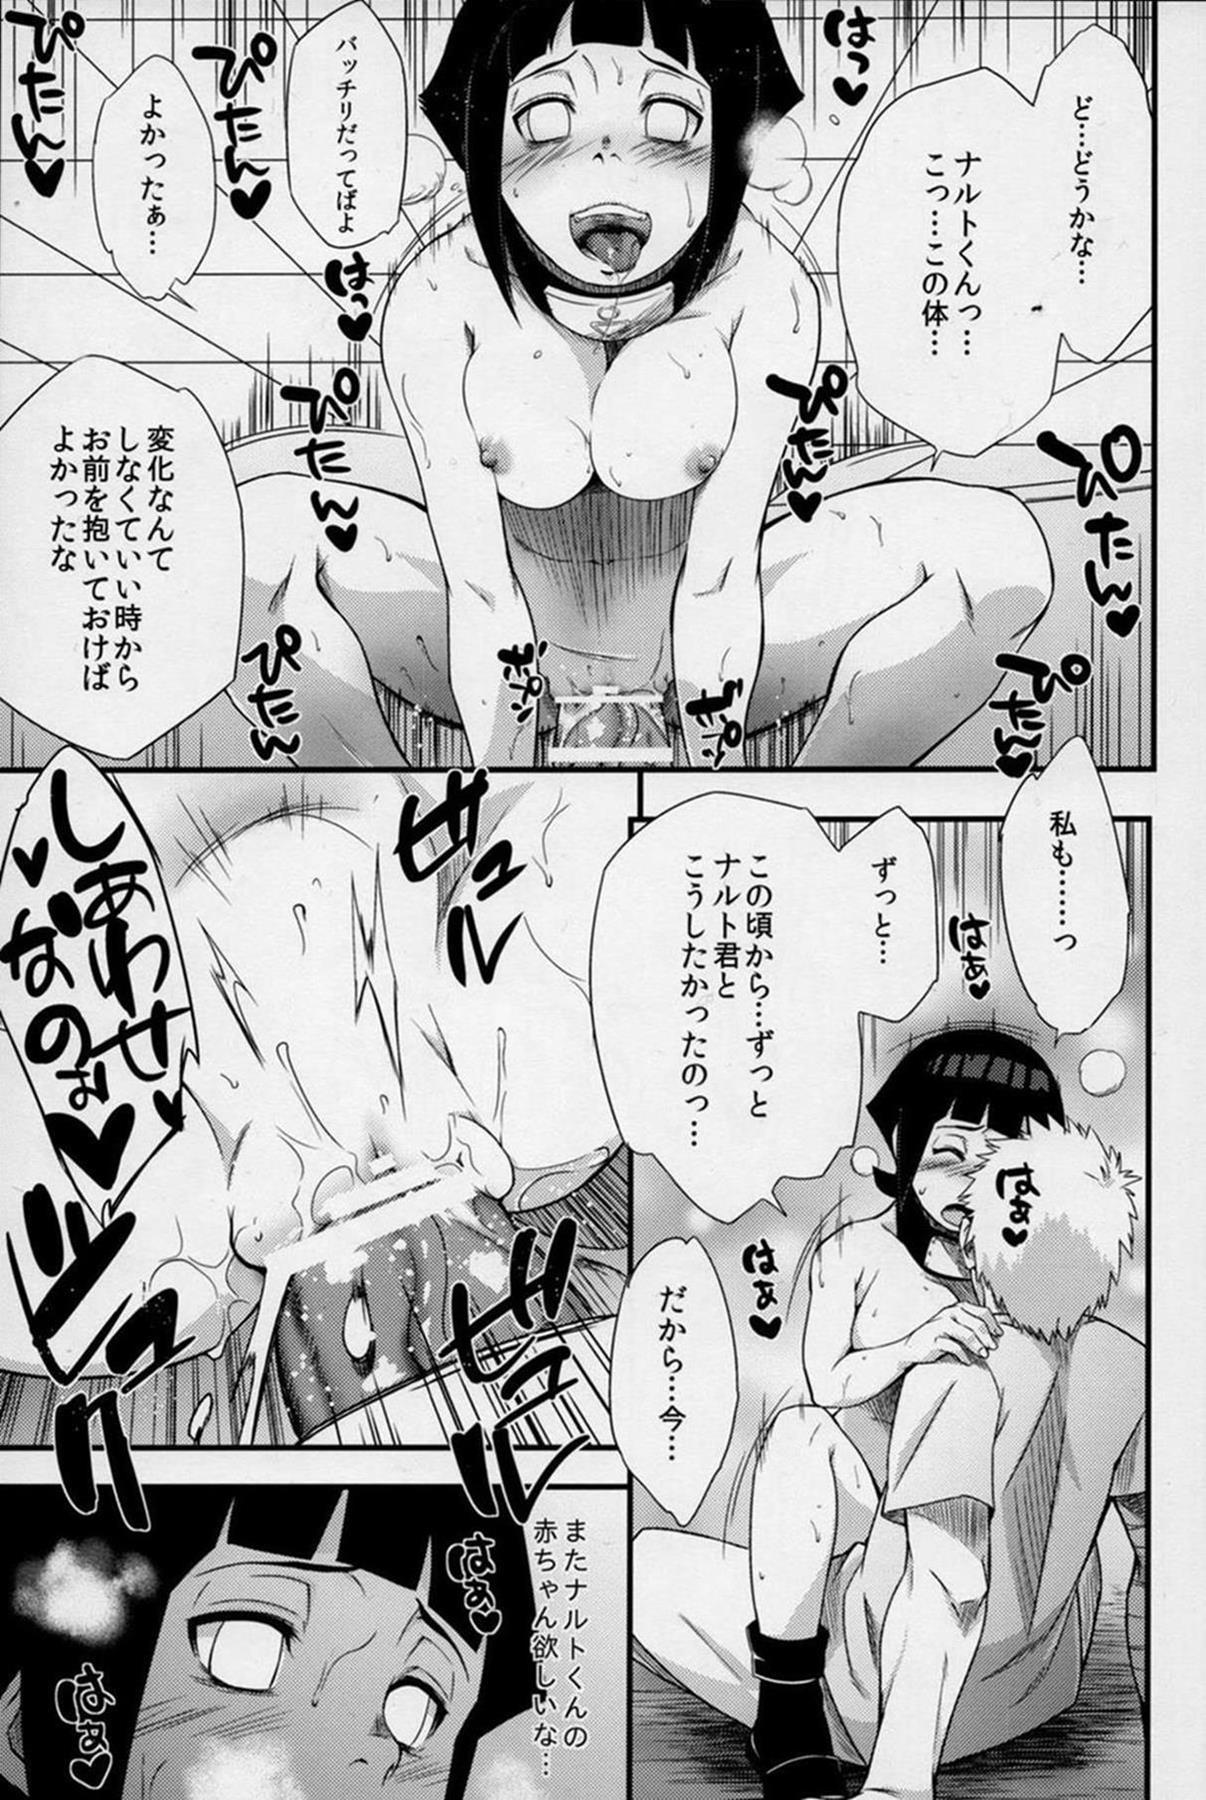 【NARUTO エロ漫画・エロ同人】サラダ、ヒナタ、サクラ、いの・・・肉便器ハーレムでどれでも好きな穴使えるんだってばよwwwwww (9)